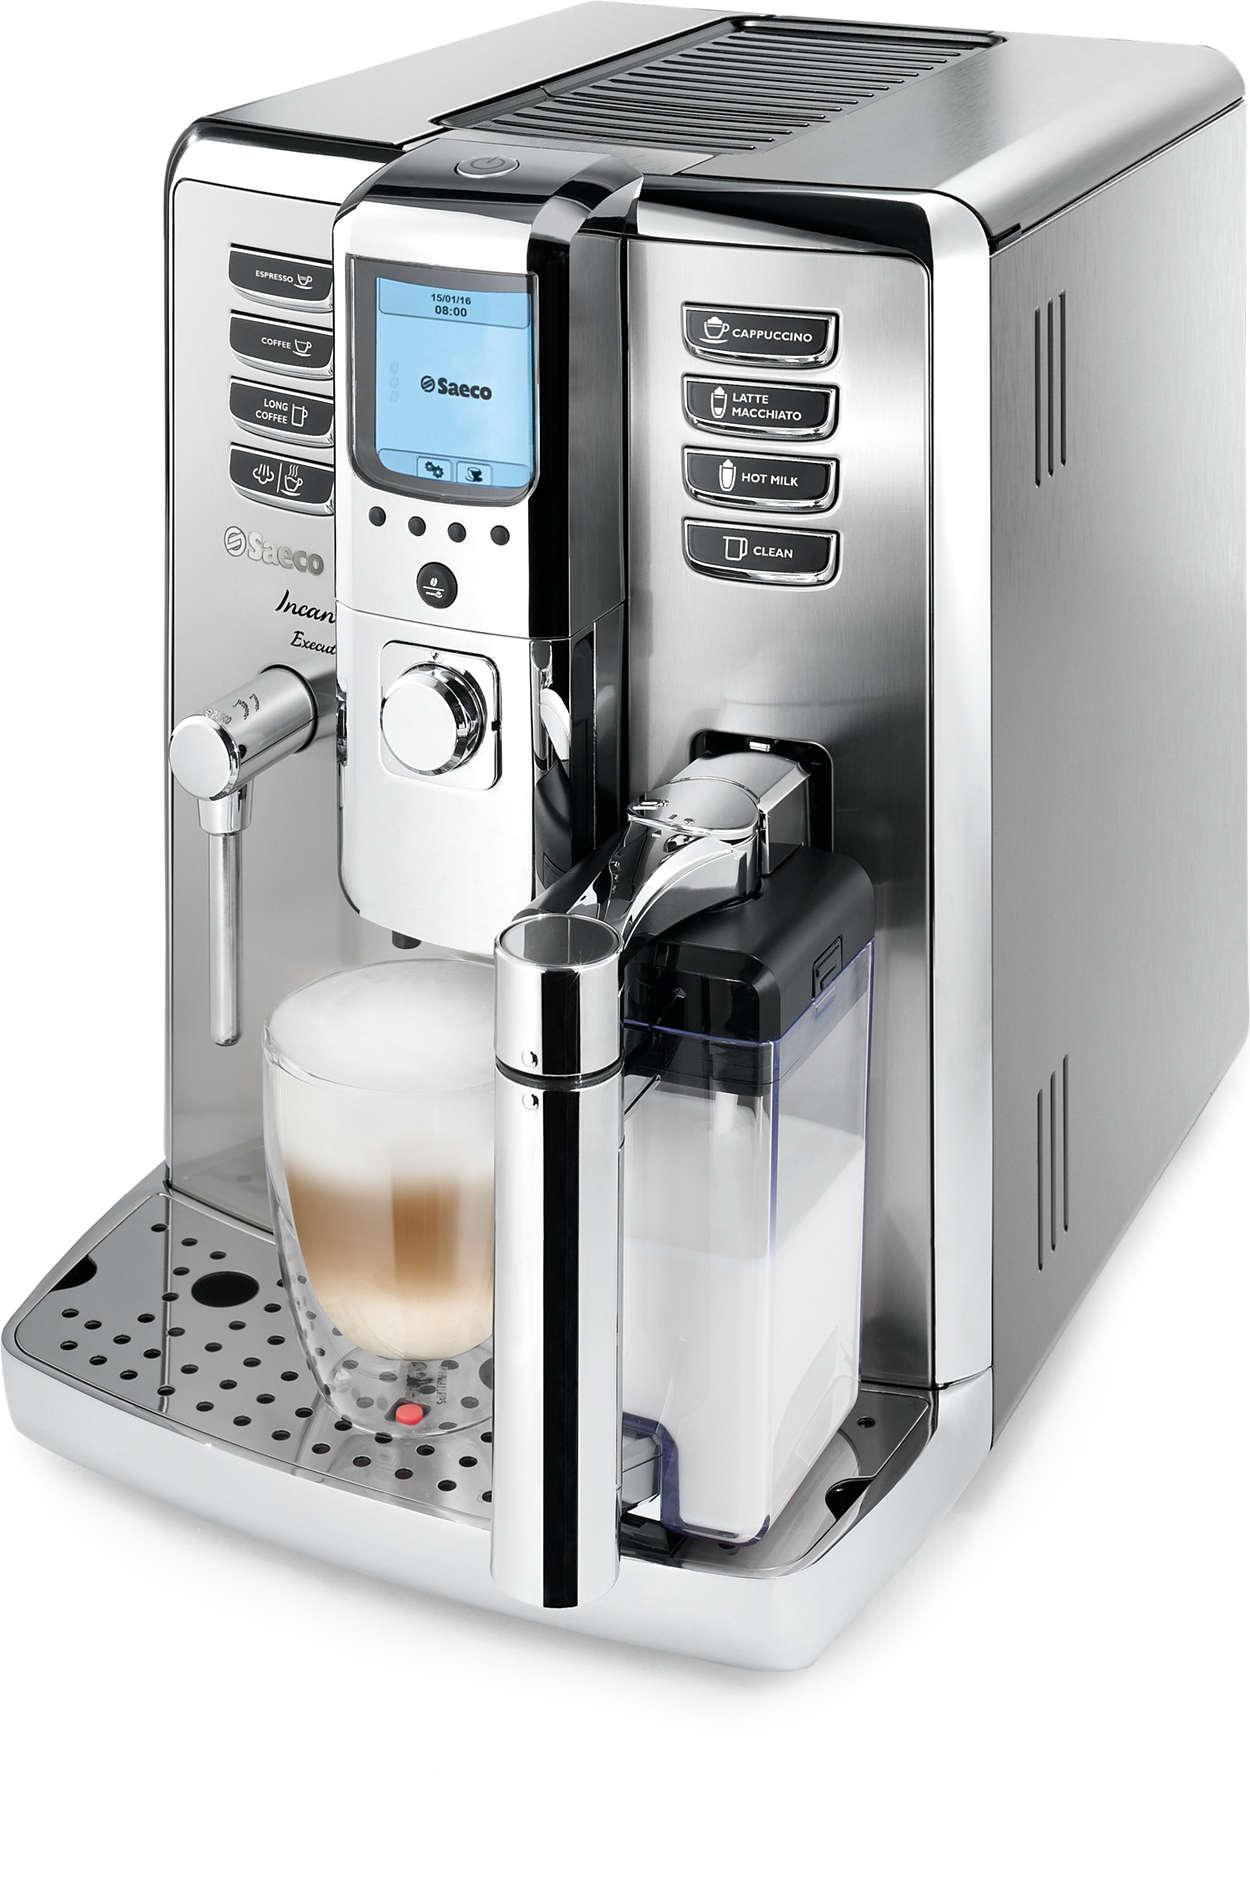 Vychutnajte si profesionálne espresso uvás doma